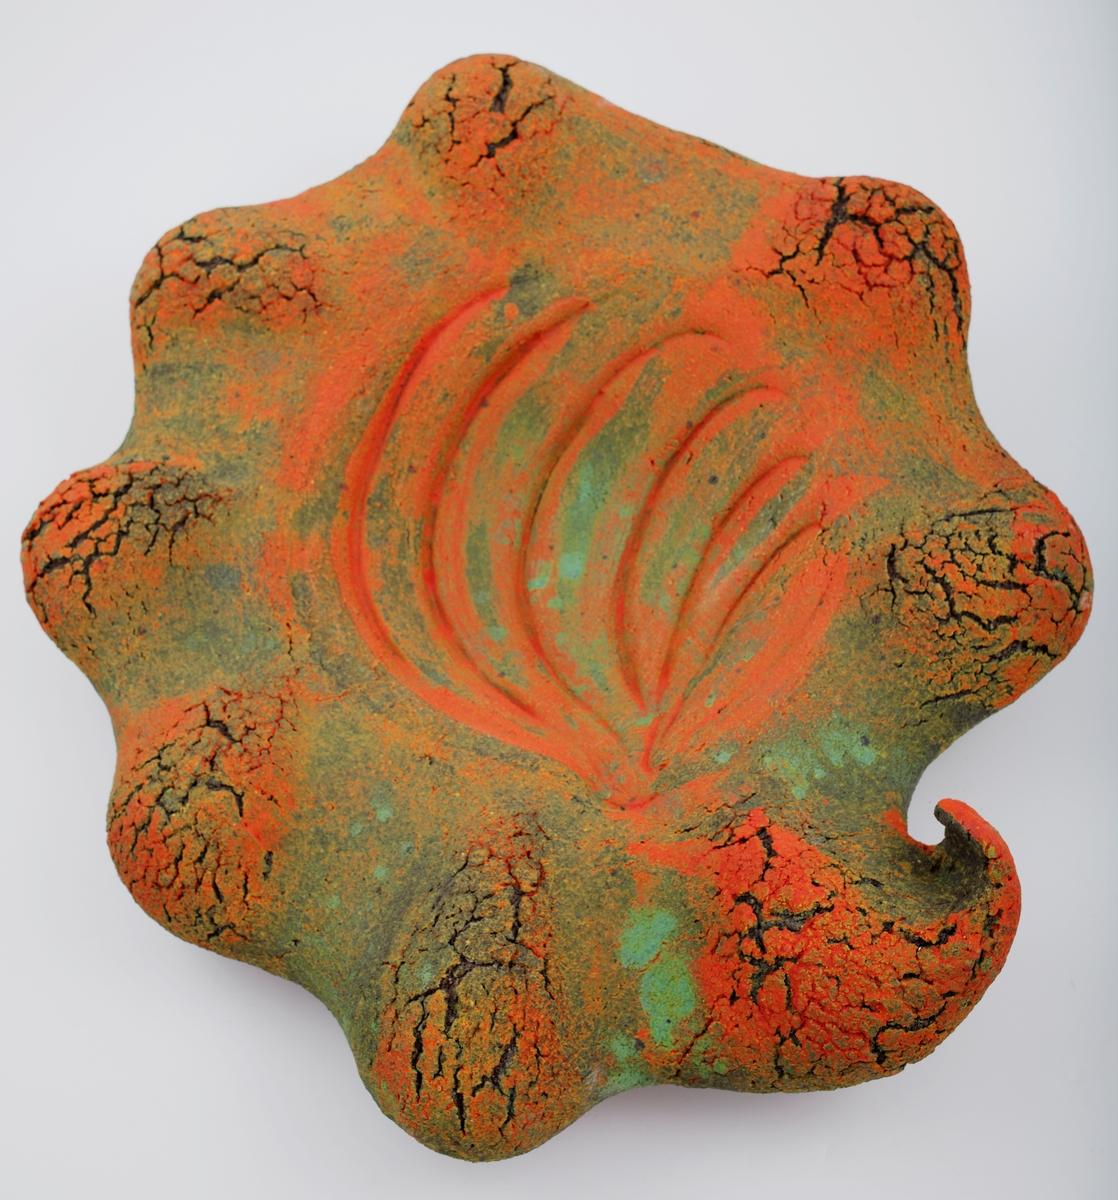 Stort, skulpturelt fat på rund fot. Skjell- eller planteform med bølgende omriss og en sammenknepet spiss. Tilnærmet rund fordypning i midten og skrånende, svulmende kanter. Formen er som et mykt, organisk landskap med kupler og daler - eller som tittelen tilsier, en plantevekst. I speilet er godset risset inn med seks bøyde streker; godset er ellers preget av sprekker og fordypninger. Overflaten er dekorert med glasurer i et flekkvist fargespill mellom oransje og grønt.